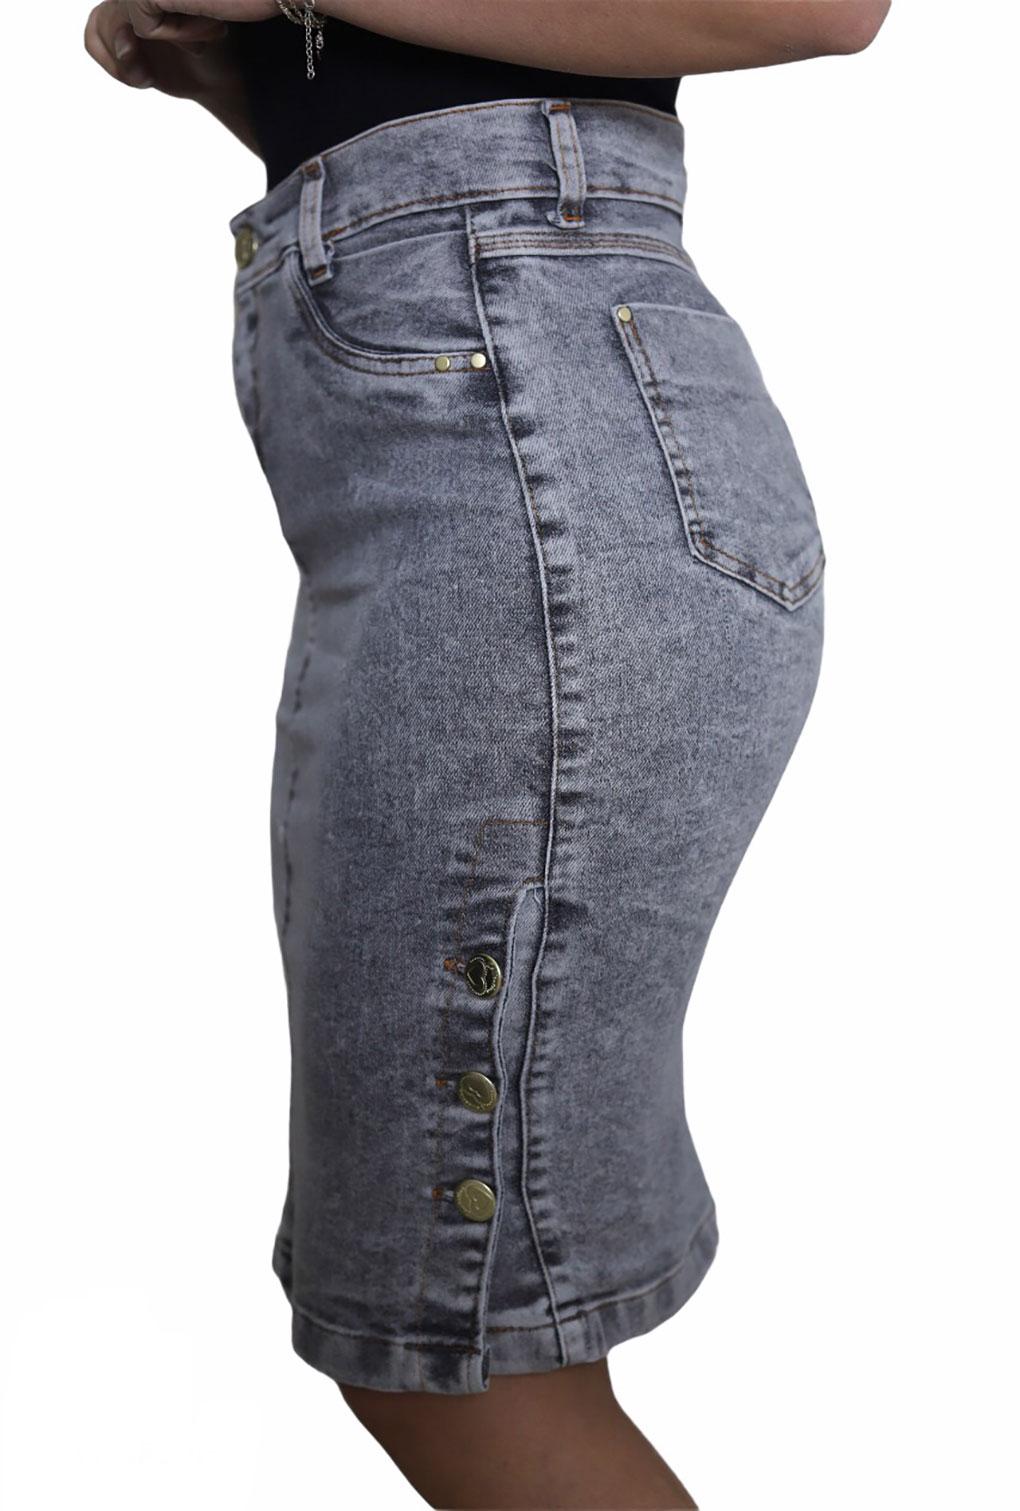 Saia  Jeans Moda Evangélica Feminina Cintura Alta Cinza Escuro  - ModaStore   Moda Feminina